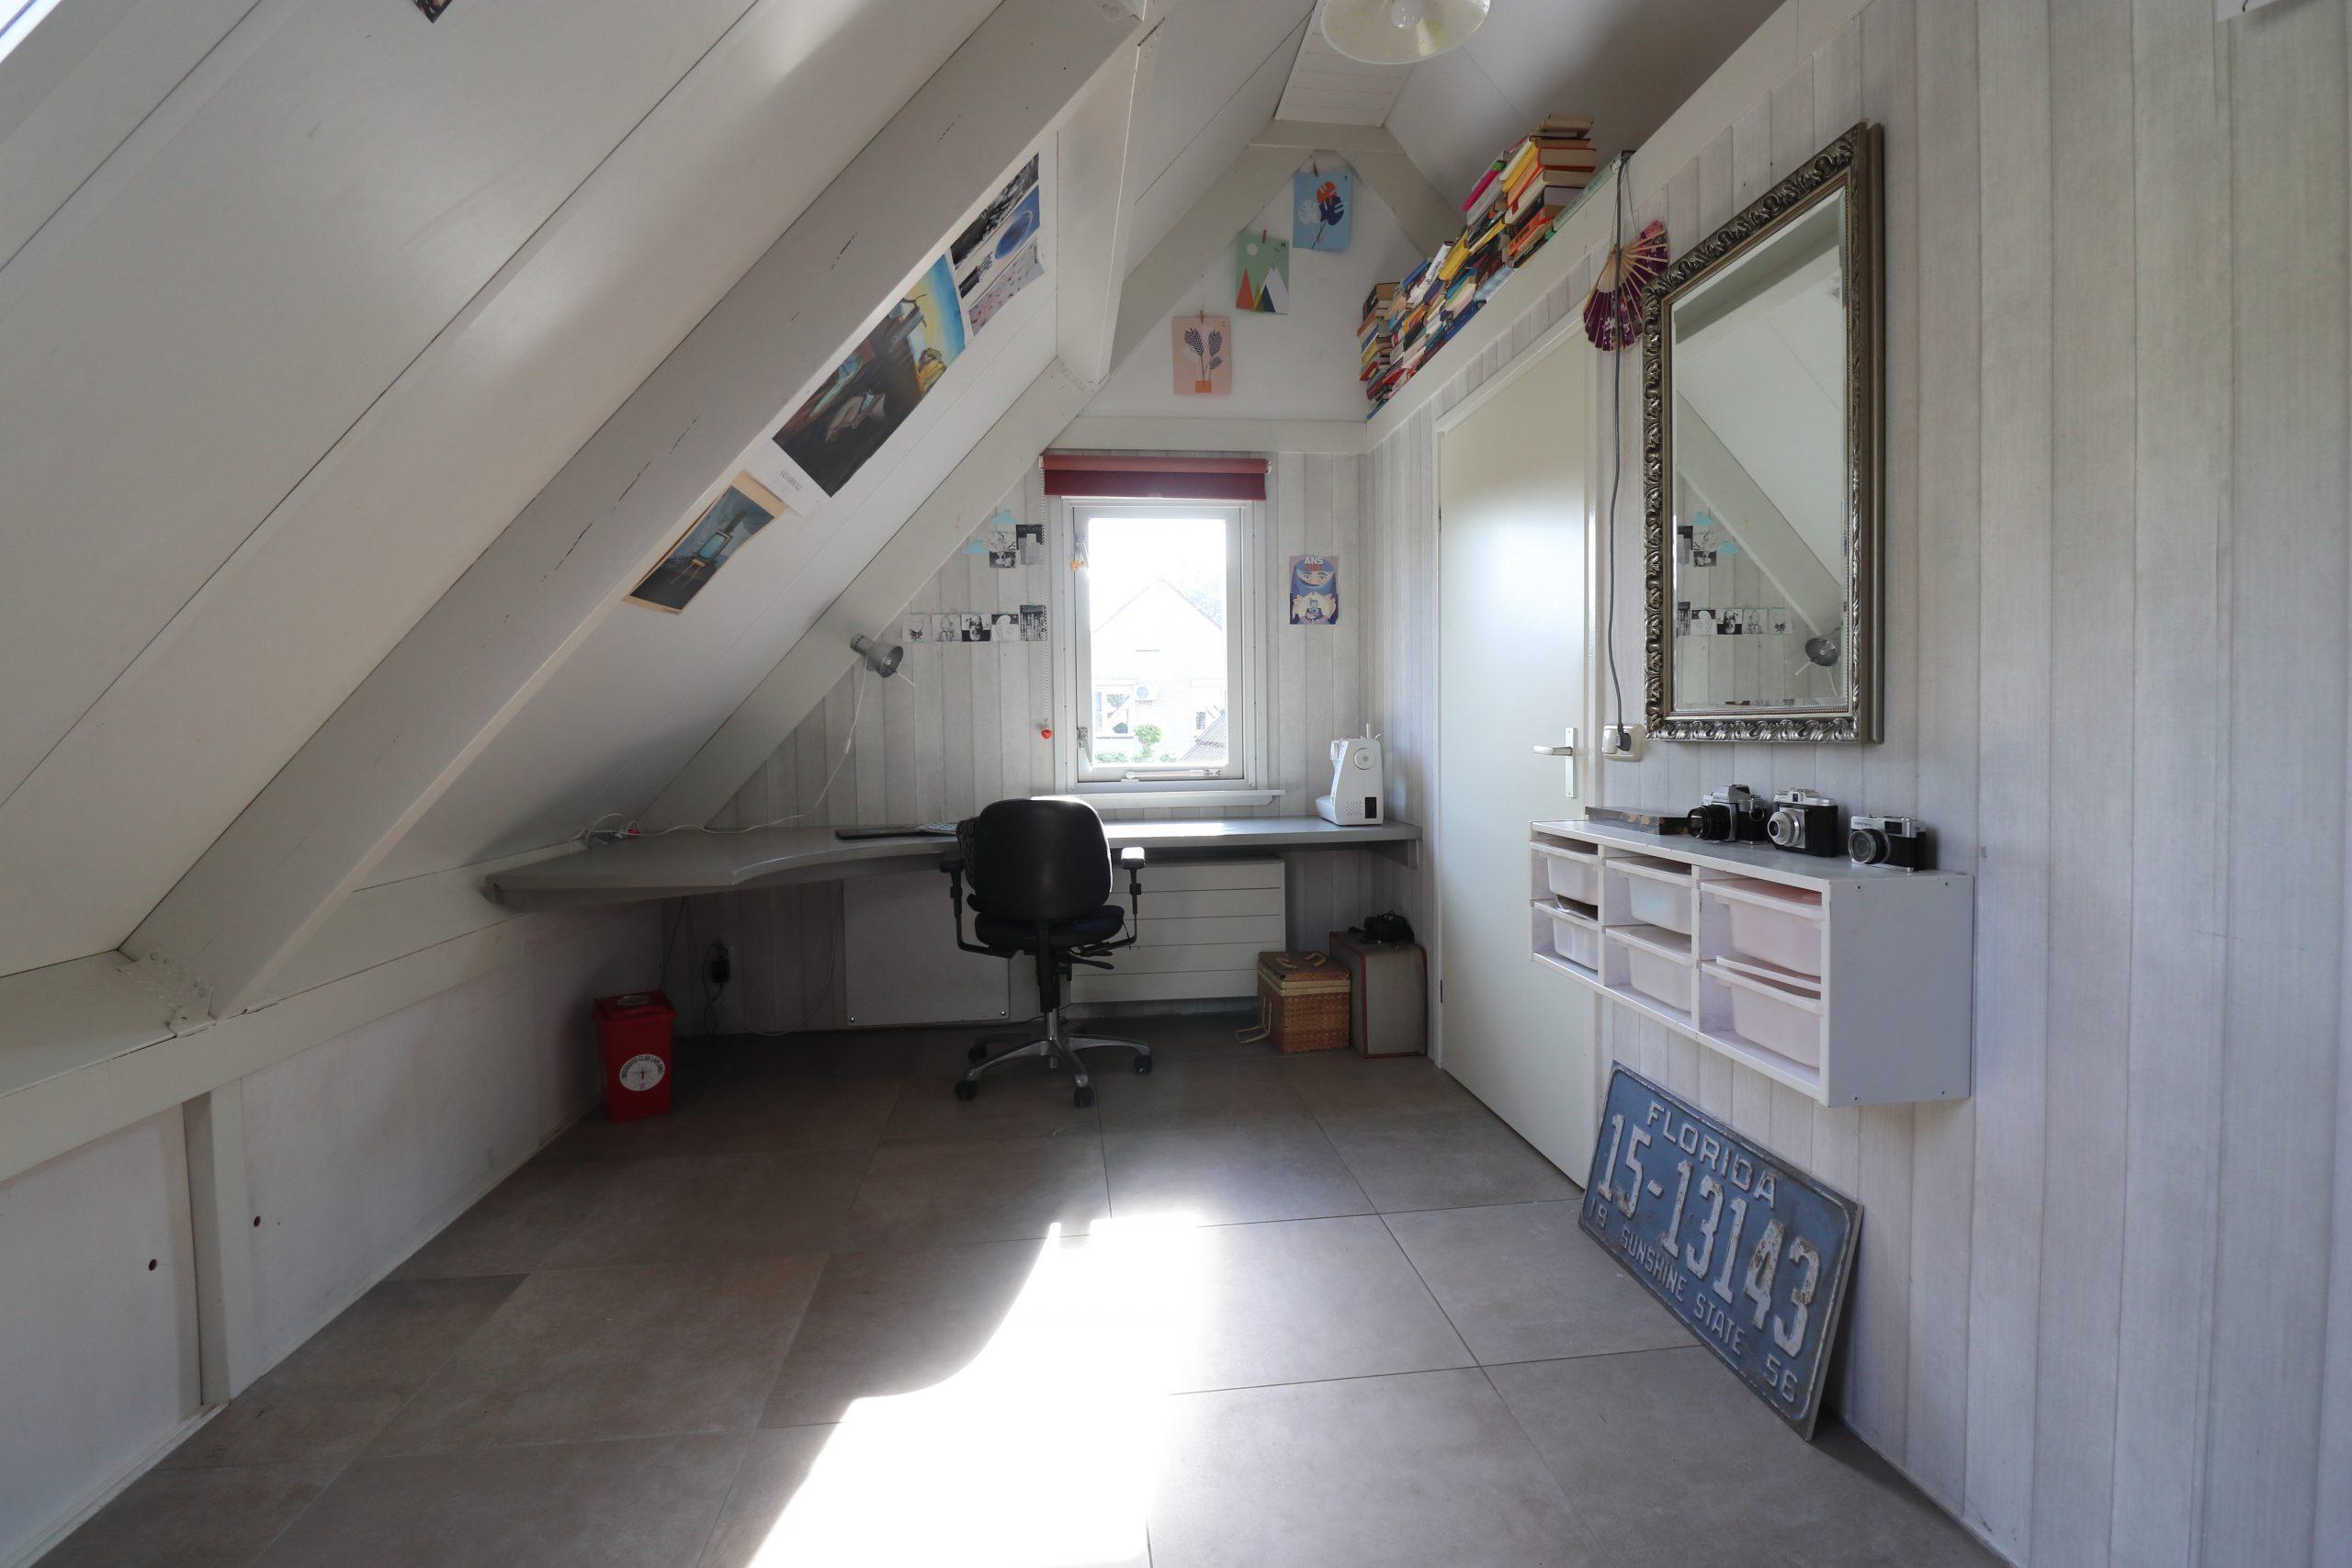 Slaapkamers met 60x60 betonlook